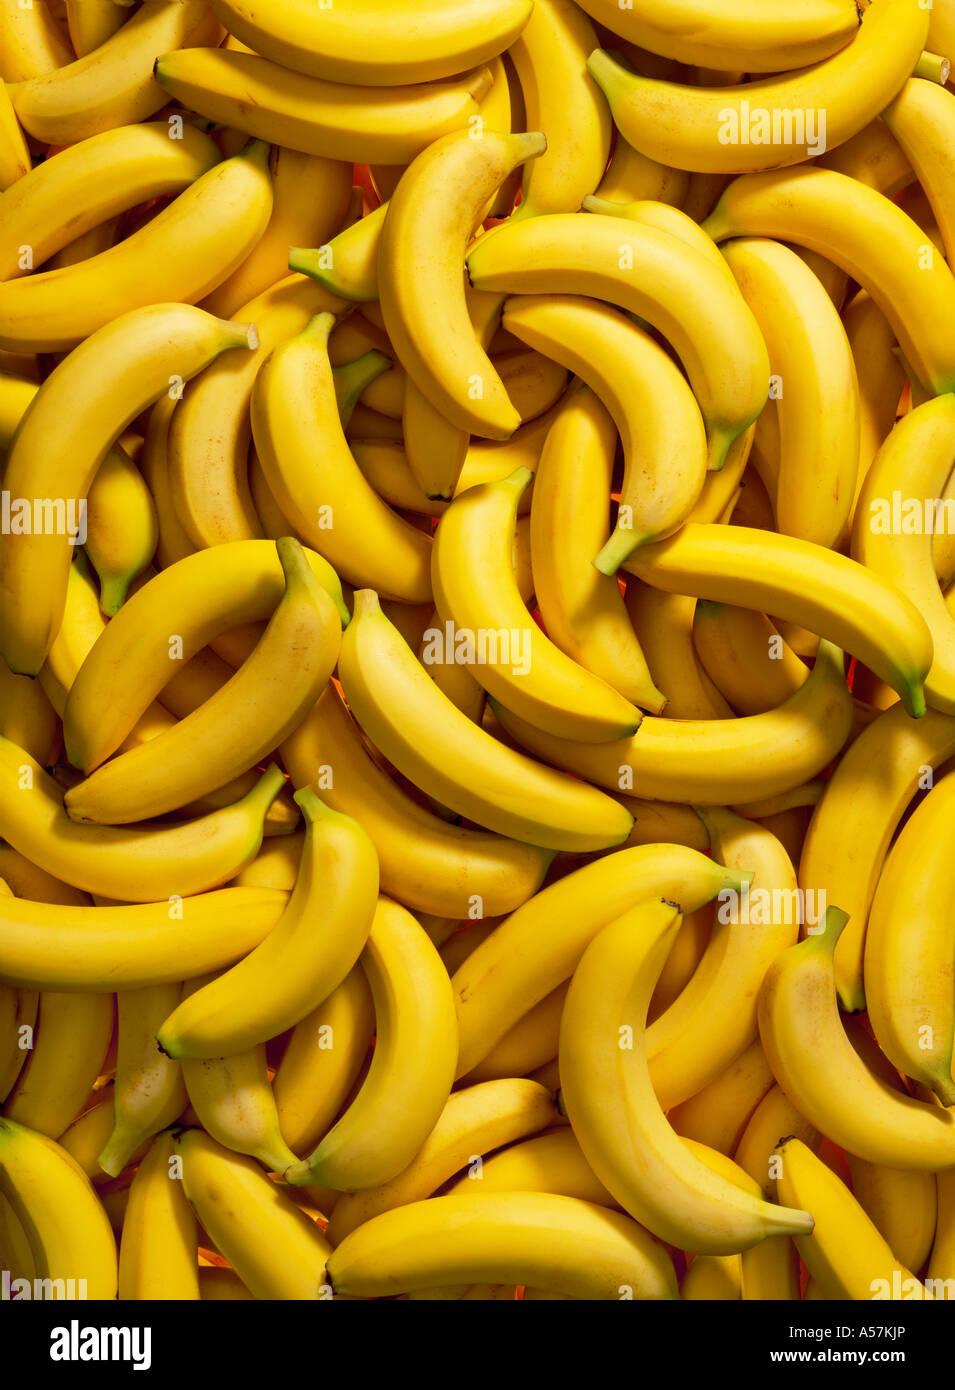 Un montón de plátanos. Ideal como un telón de fondo o Imagen De Stock